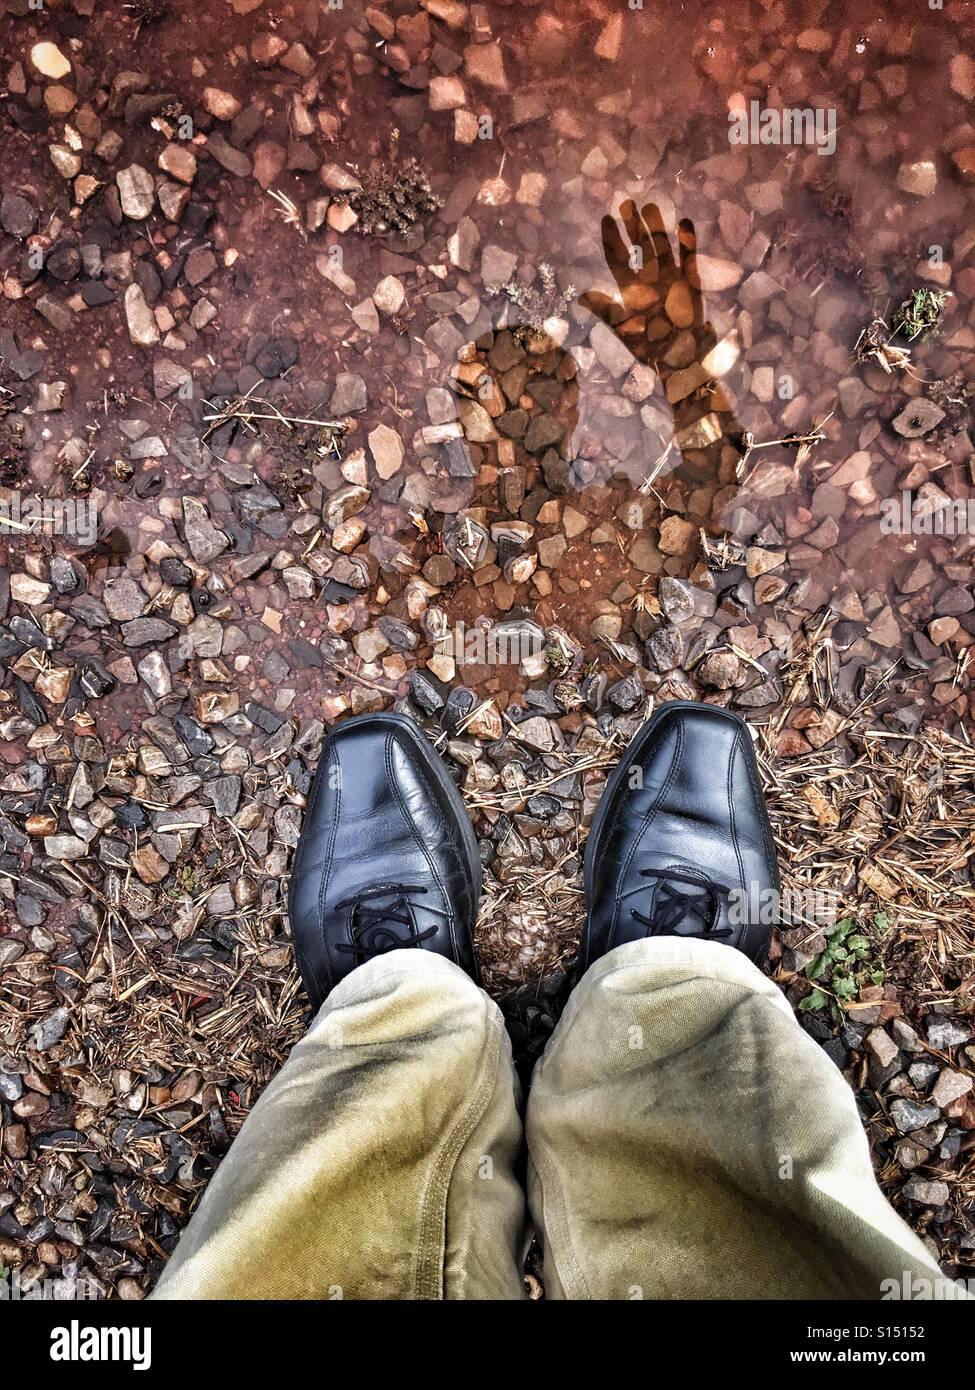 La réflexion d'un homme de tissage lui-même dans une flaque. Photo Stock